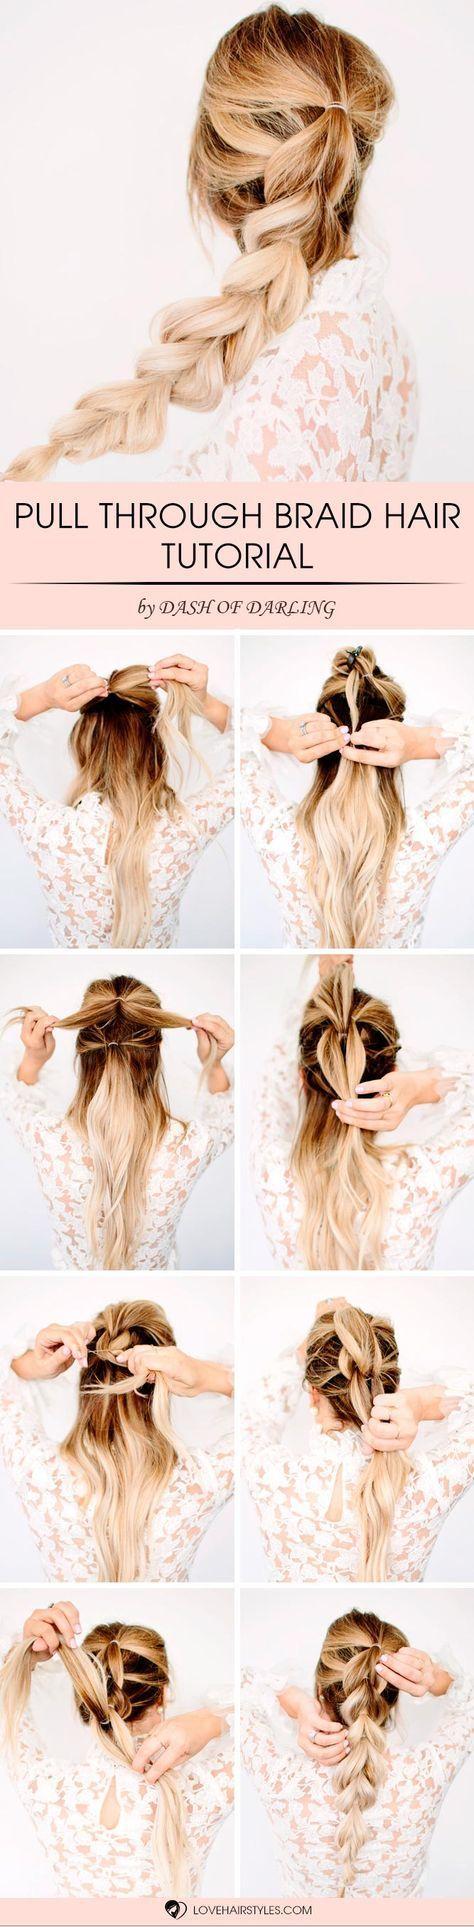 通过这种穿过辫子发型教程,你会添加一些新的东西给你的外观。此外,你可以使它光滑或大。